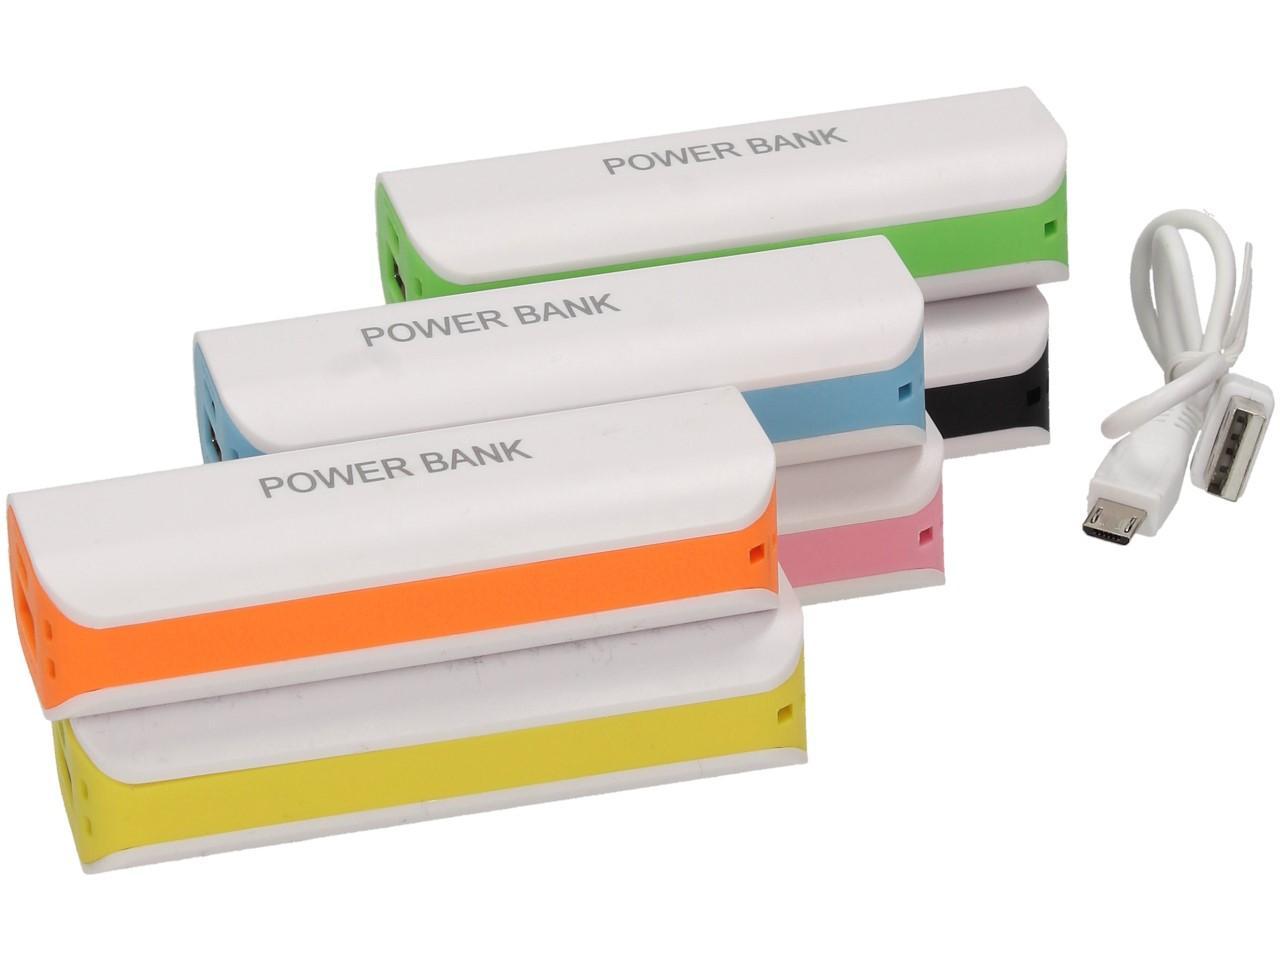 Foto 16 - Výkonná přenosná USB nabíječka Power Bank 5600mAh